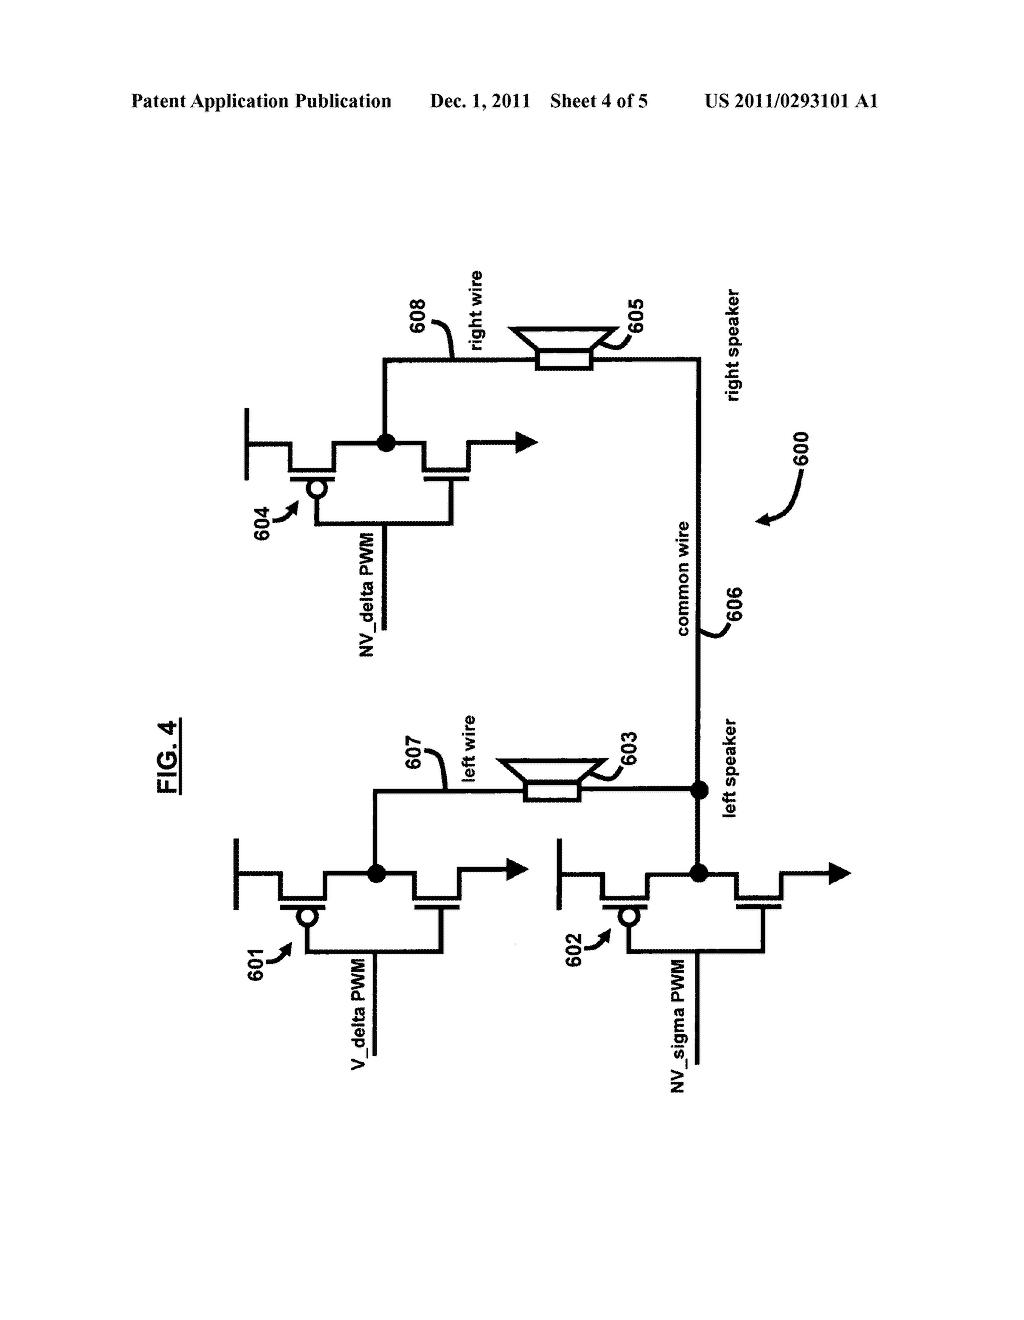 M Bridge Class D Audio Amplifier Diagram Schematic And Image 05 A Circuit